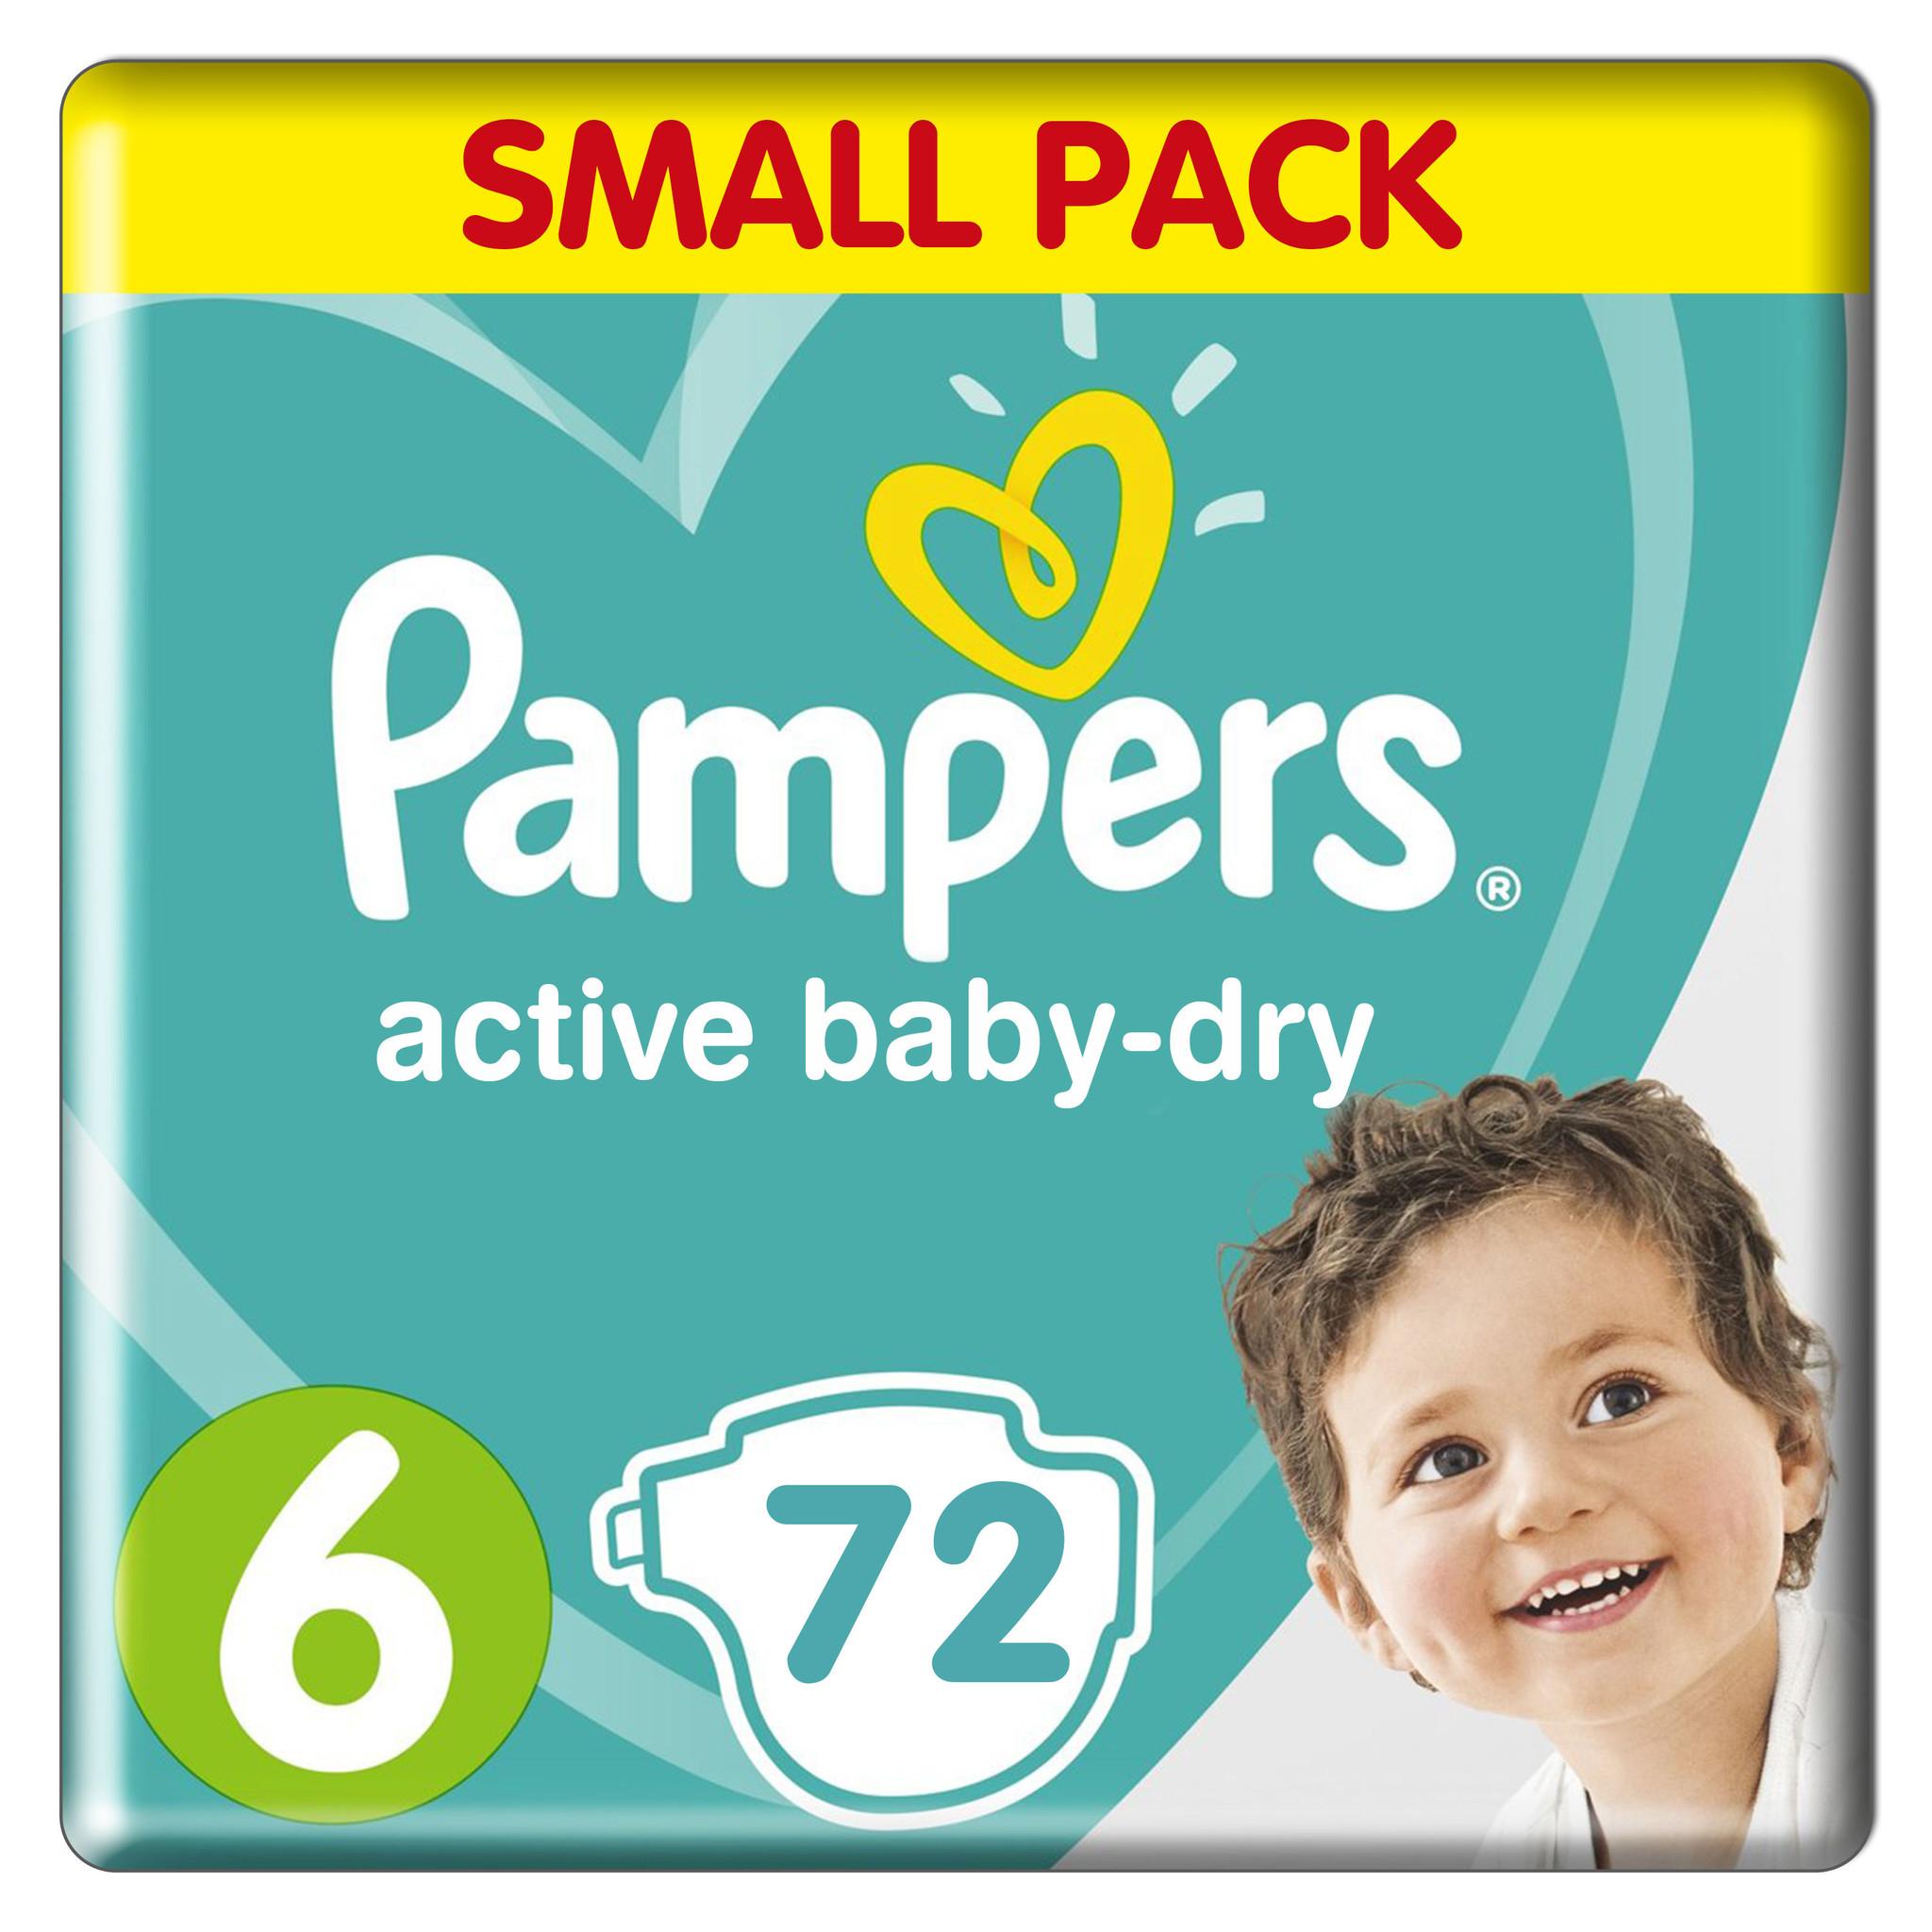 [PRIJSFOUT] Pampers Active Baby Dry Maat 6 Jumbo Pack (72 luiers) voor €0 @ Babydrogist